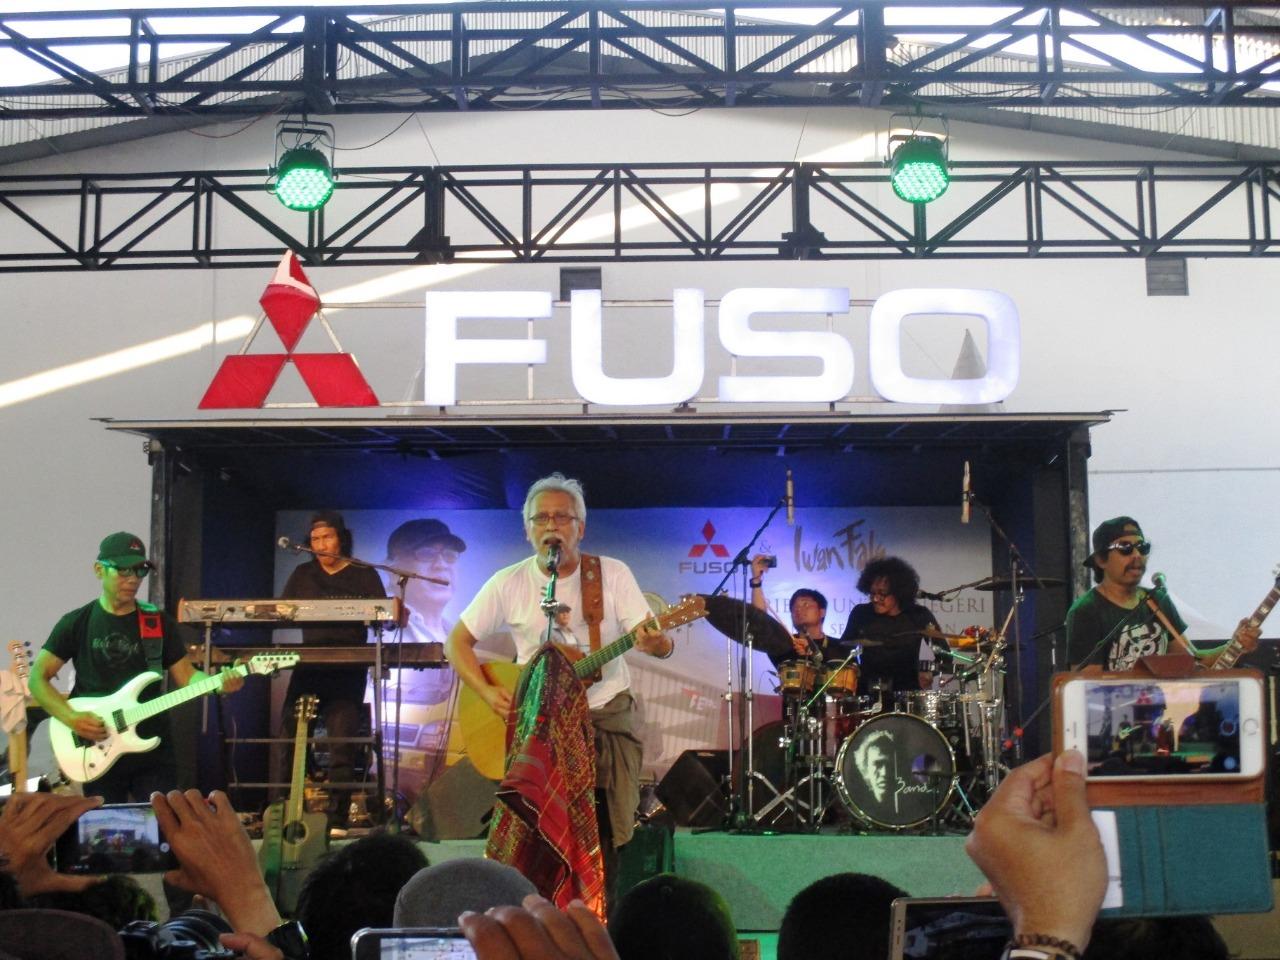 Rangkaian Roadshow Mitsubishi Fuso dan Iwan Fals Berakhir di Medan